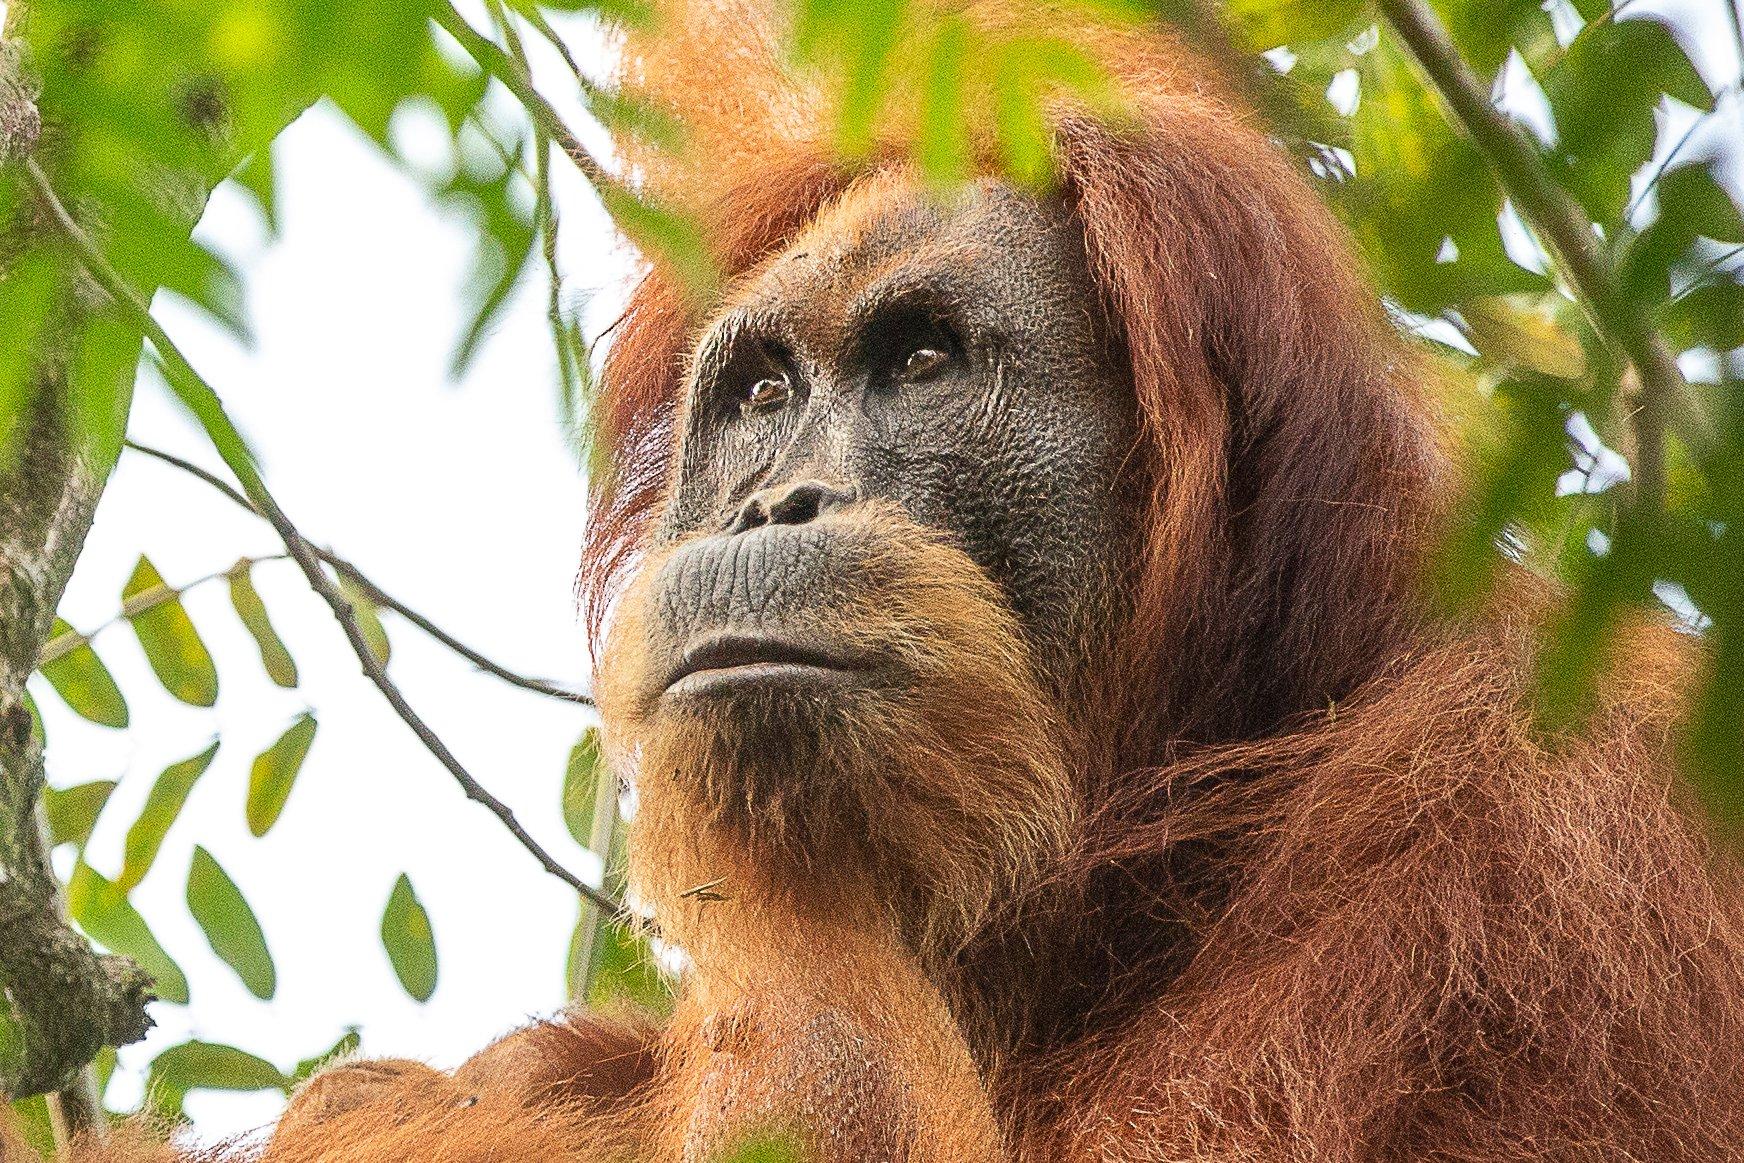 One of the Batu Kapal orangutans